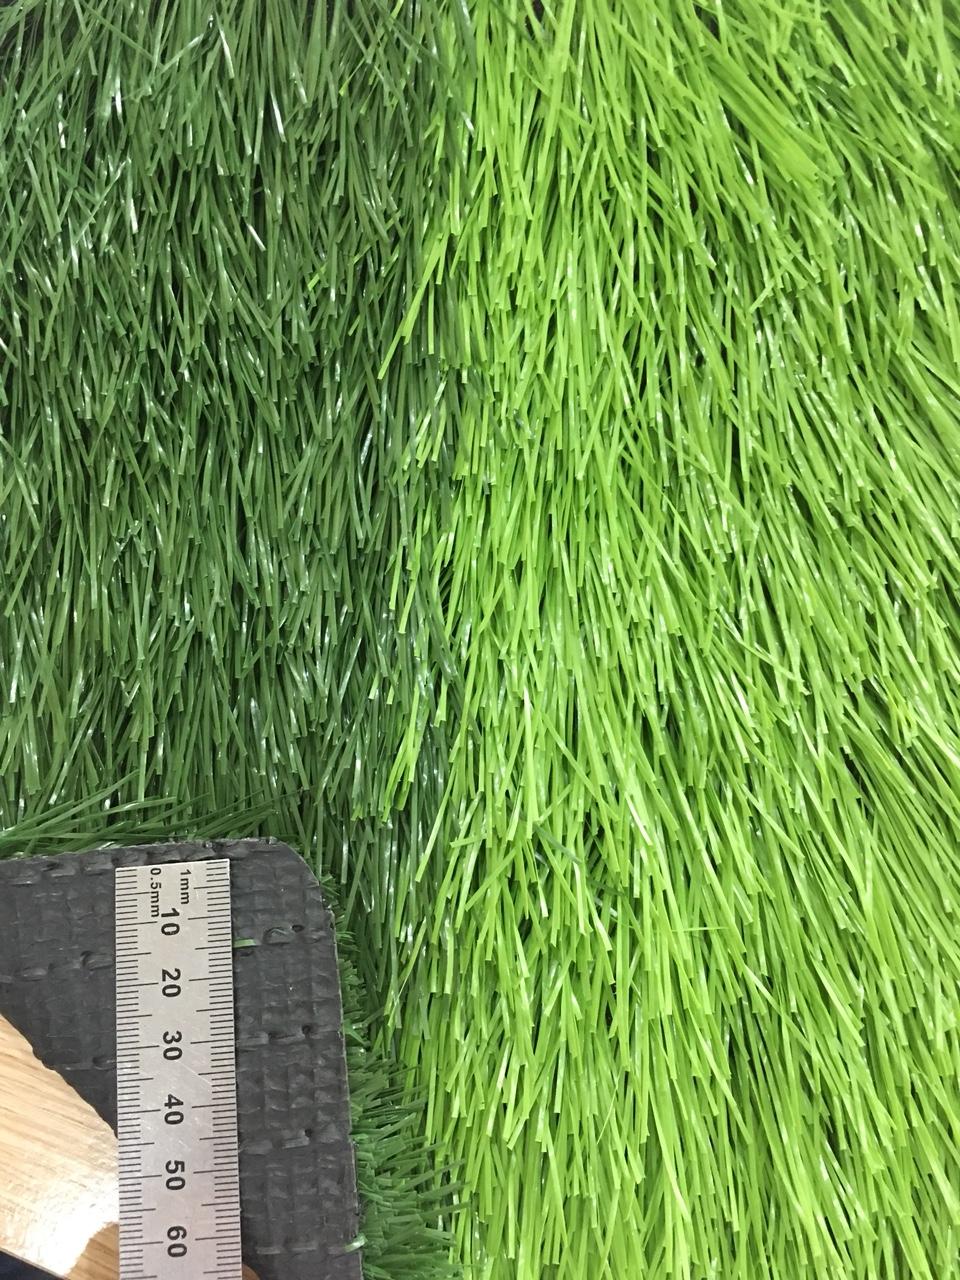 Co nhan tao san bong A350416GD08801 _ggCcL → Công ty AFD grass